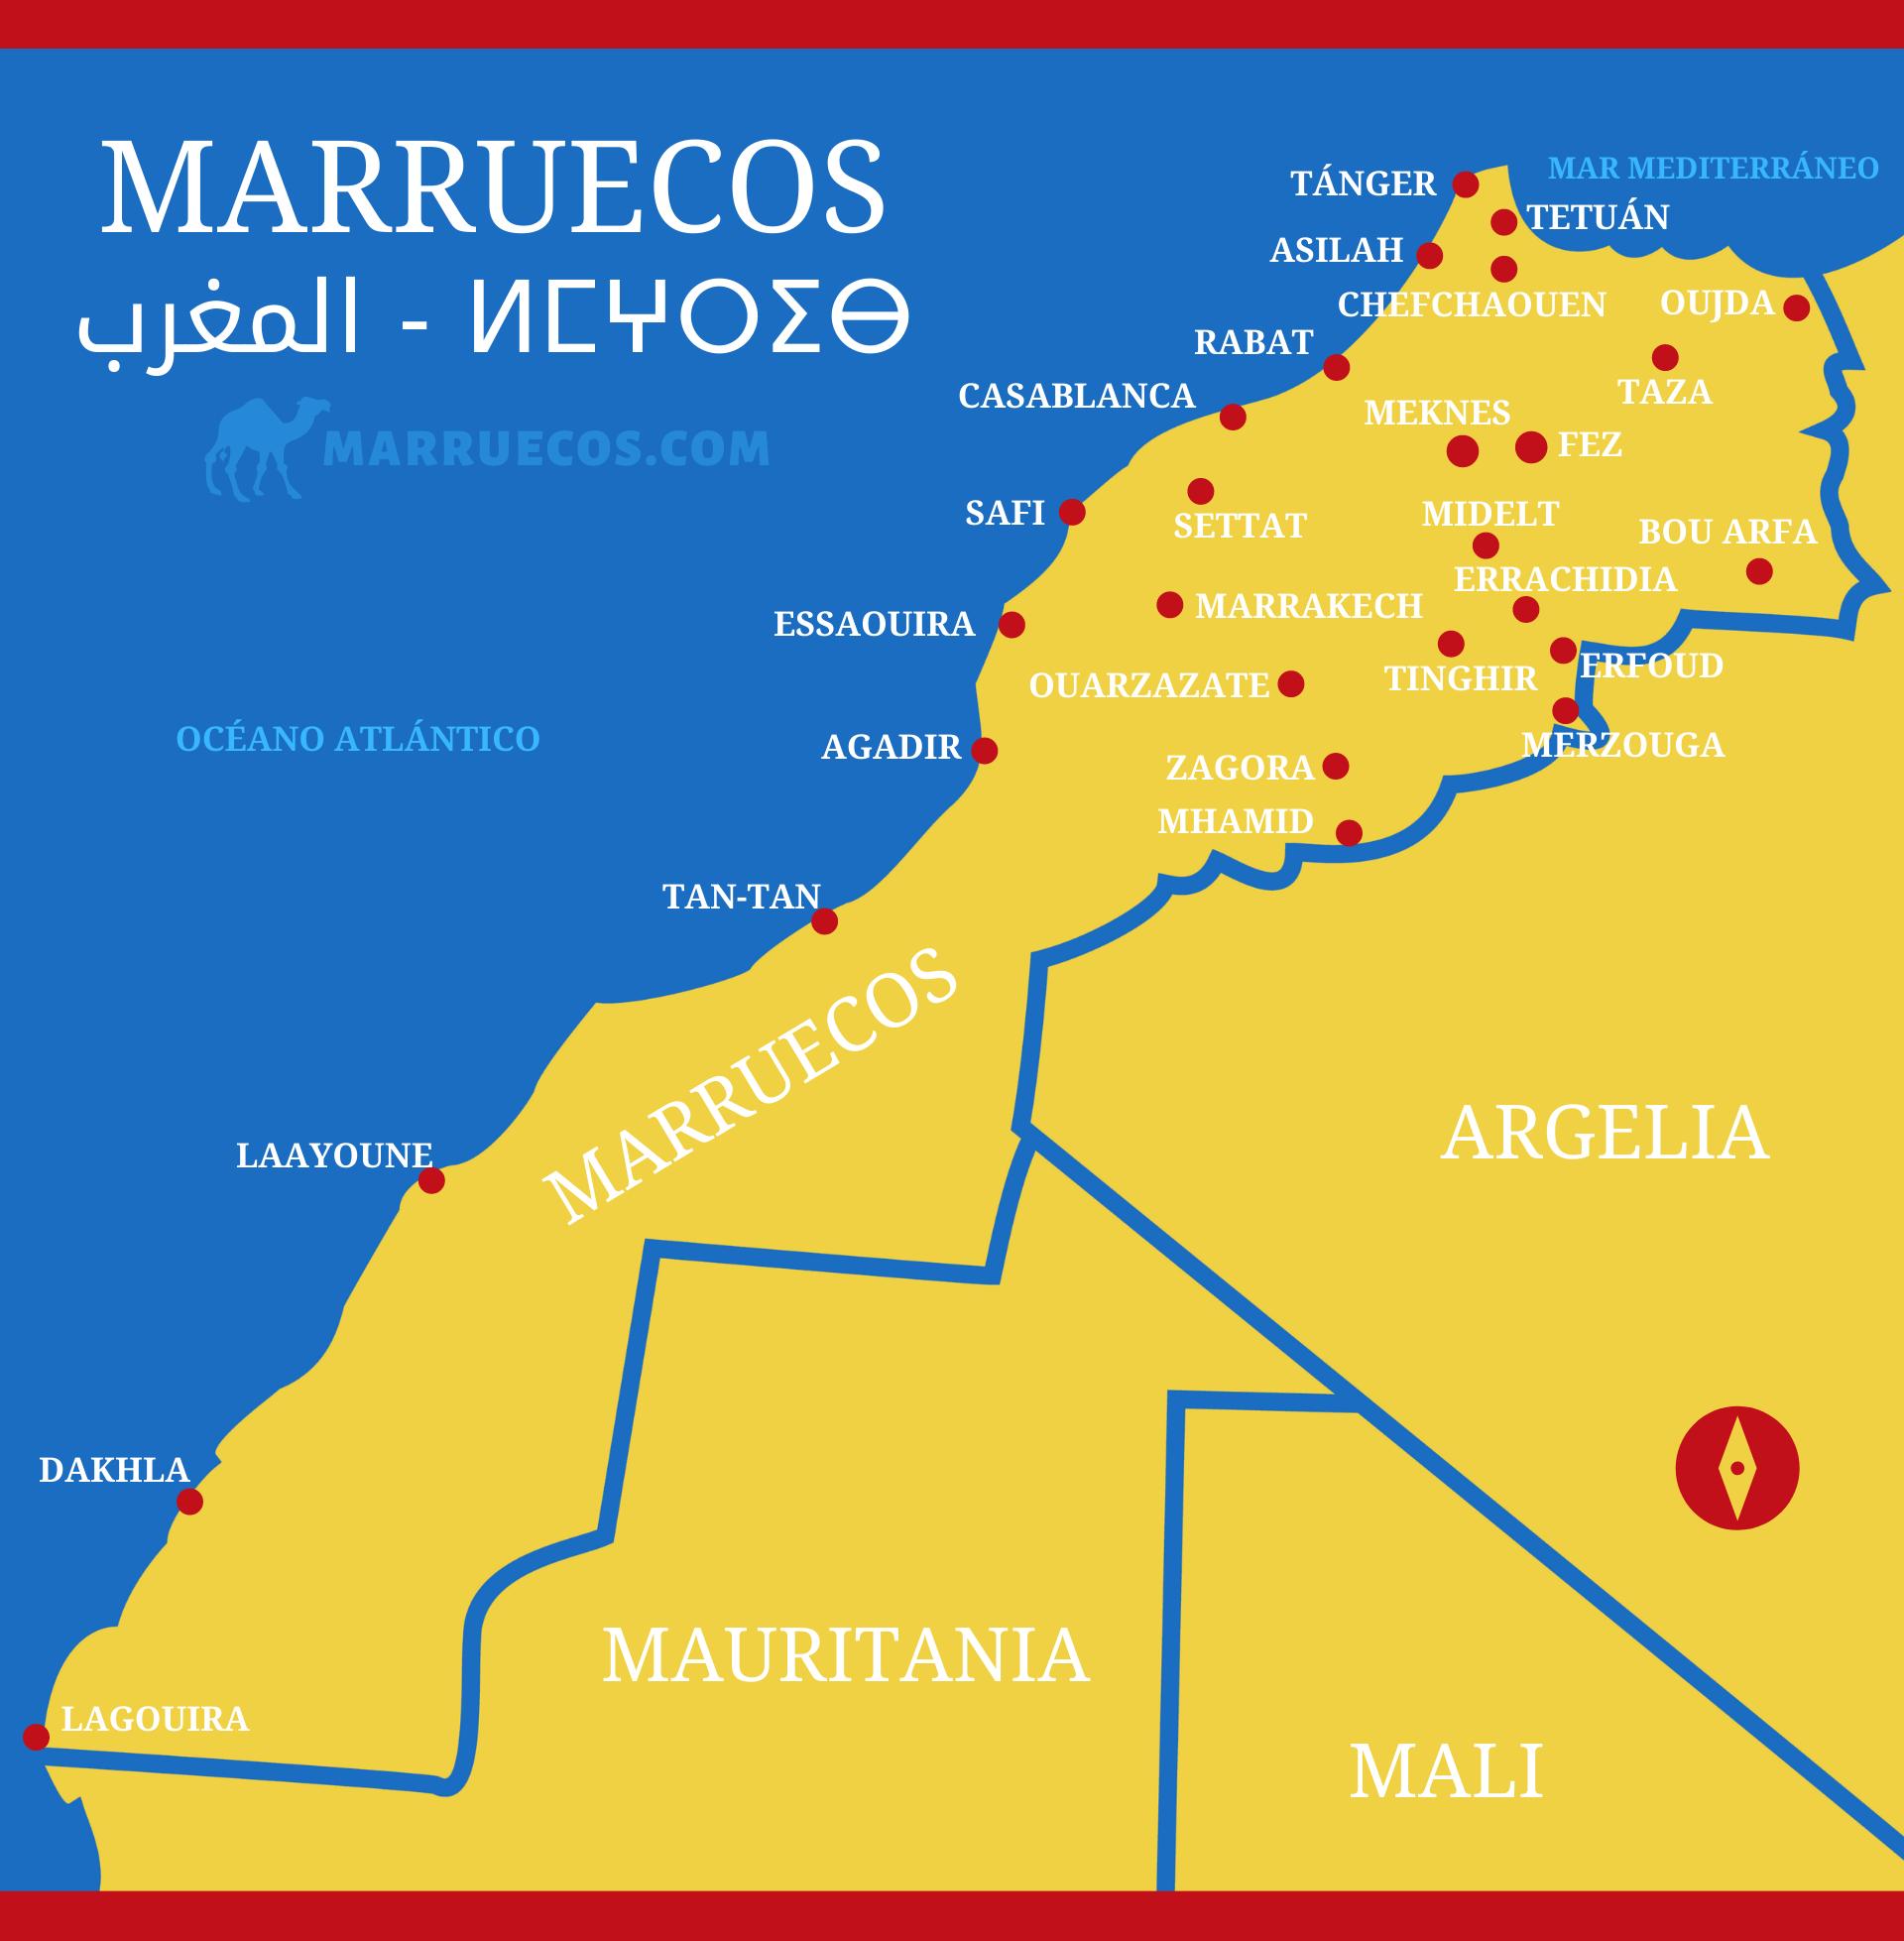 Marruecos mapa con las ciudades más importantes